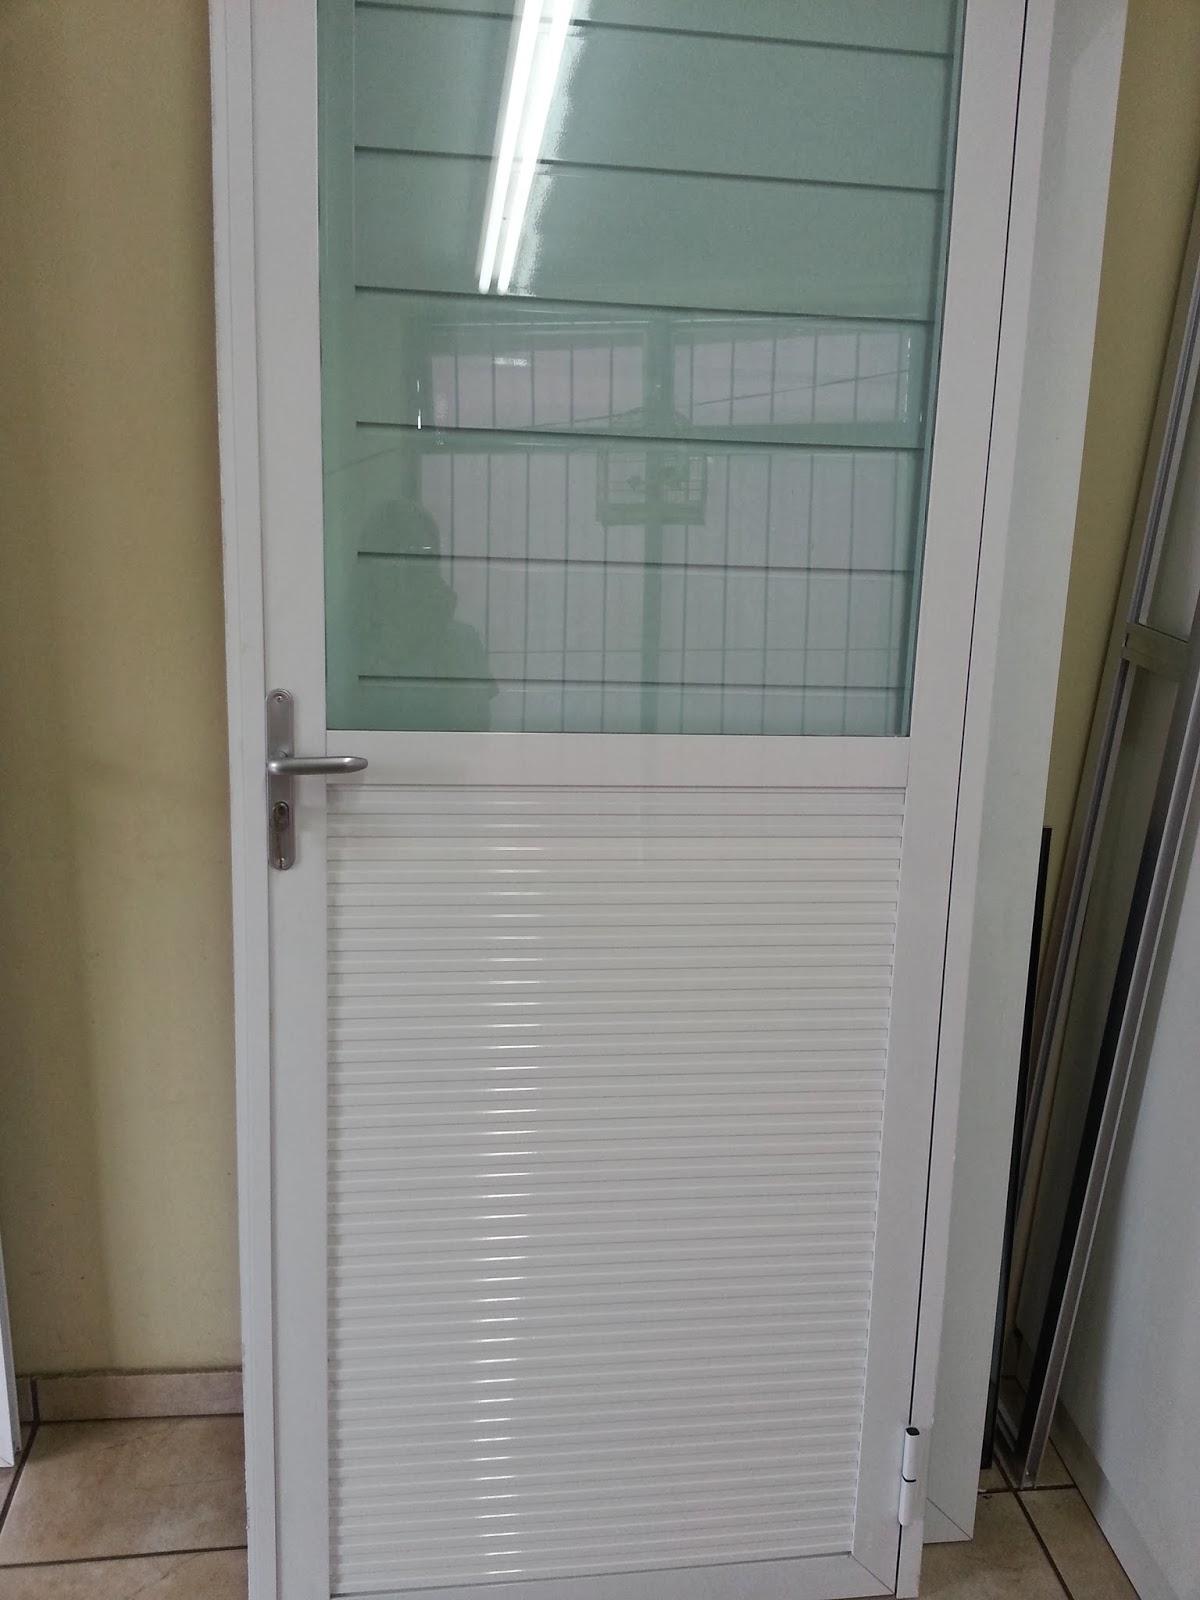 #6F6449 vista de dentro janela de correr com persiana vista de fora janela  1350 Preços De Janelas De Aluminio E Portas